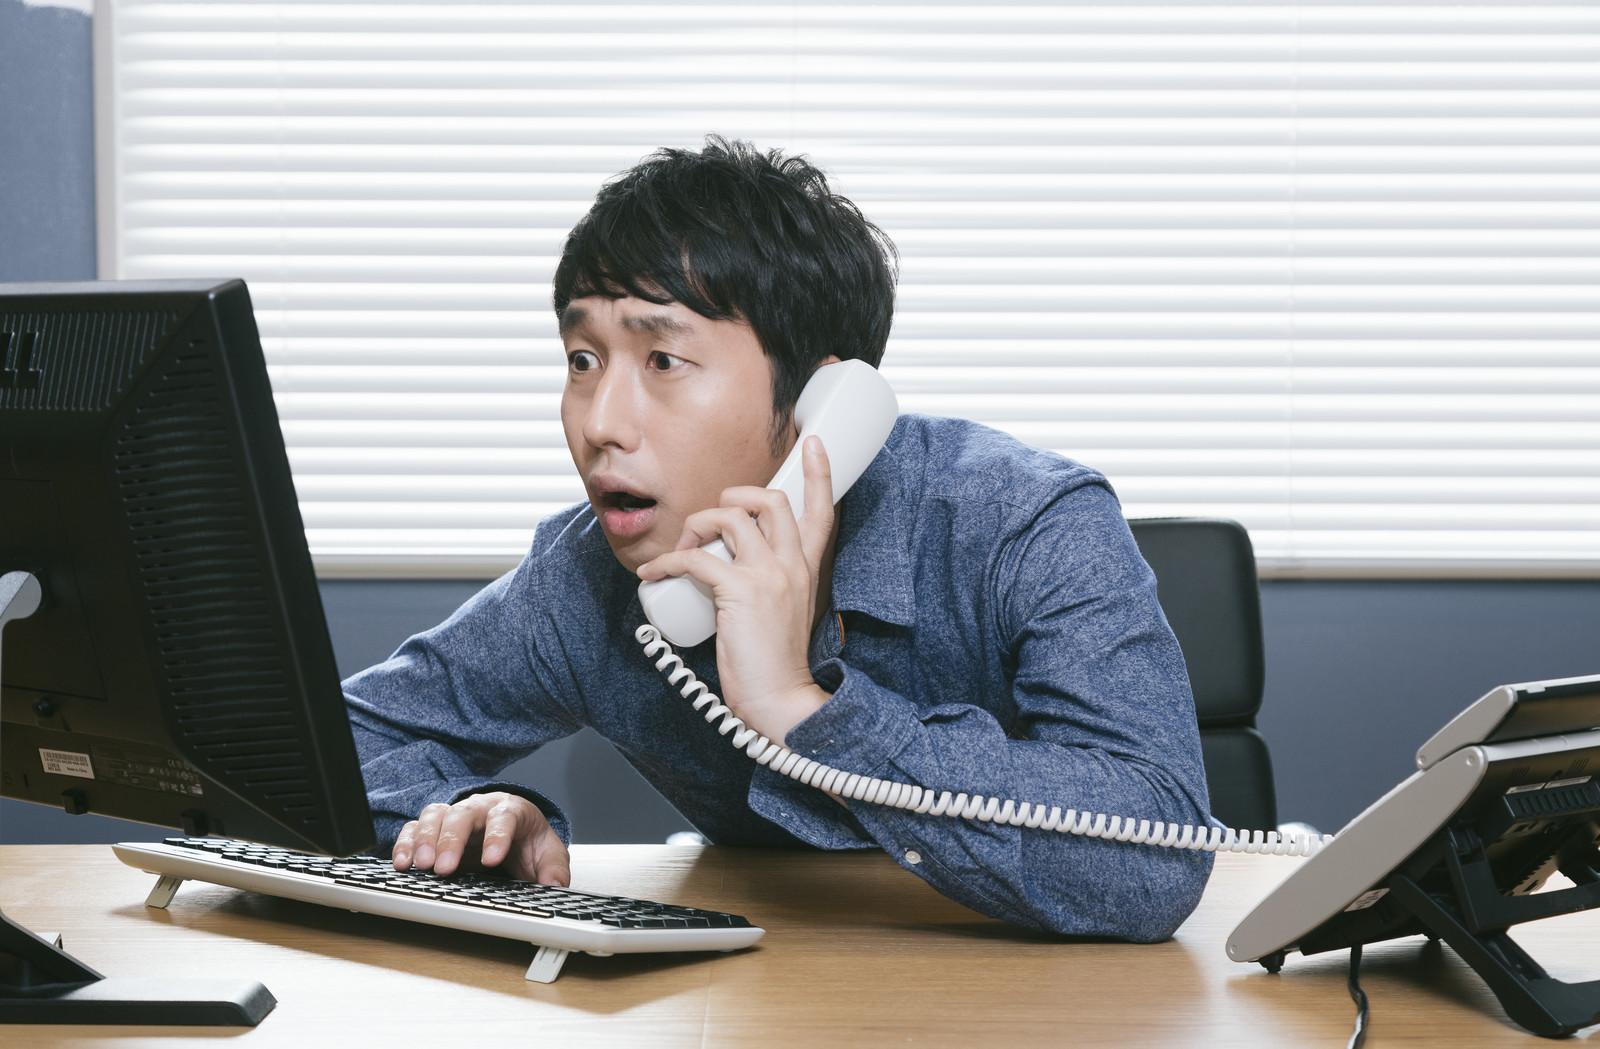 応答メッセージを自由に変更できる「スマート留守電」。SkypeなどのIP電話を利用している人に最適!